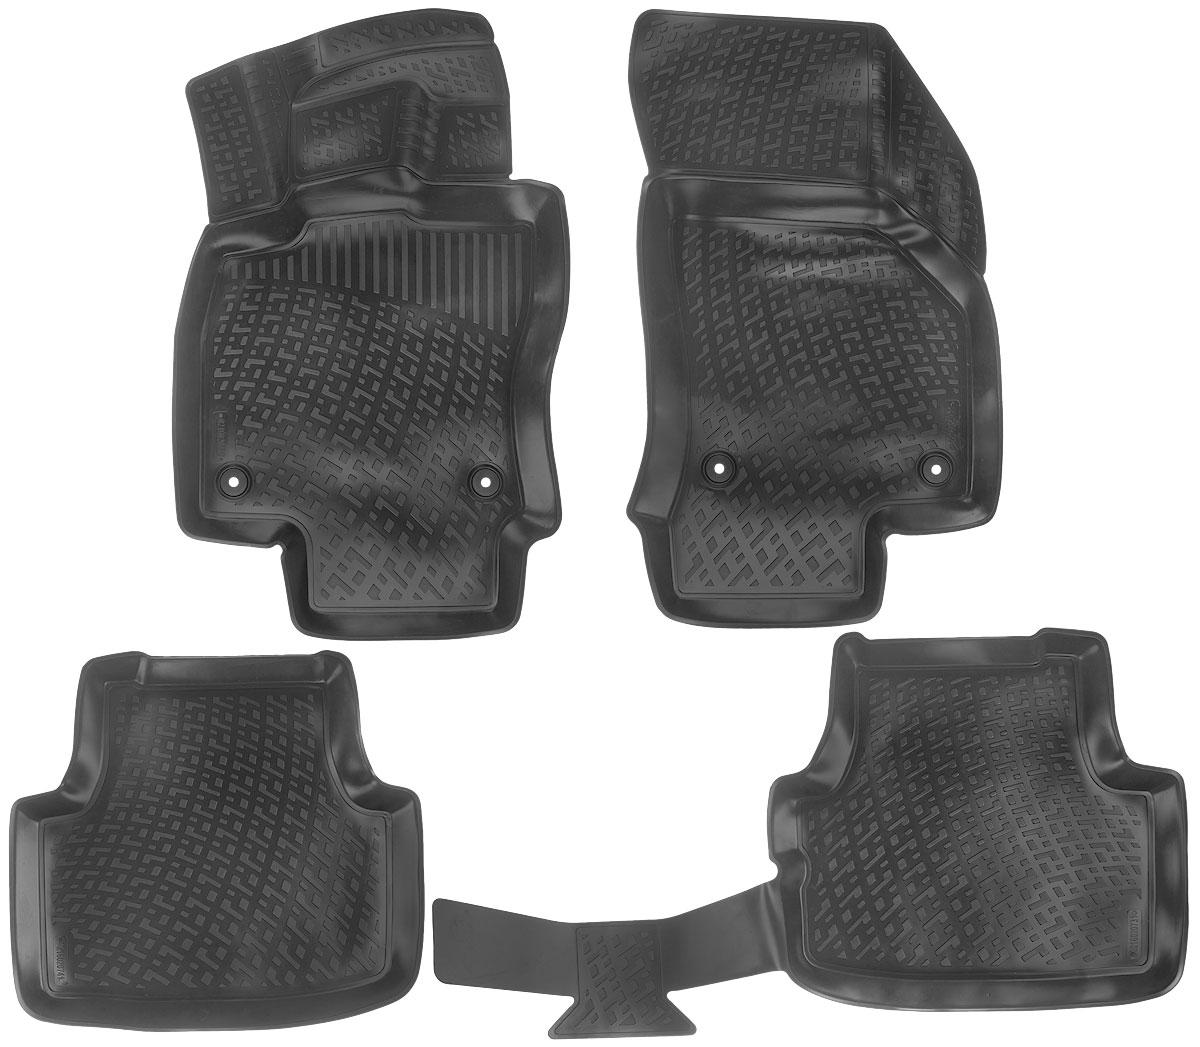 Набор автомобильных ковриков L.Locker Skoda Octavia (3) 2013, в салон, 4 шт0210020101Набор L.Locker Skoda Octavia (3) 2013, изготовленный из полиуретана, состоит из 4 антискользящих 3D ковриков, которые производятся индивидуально для каждой модели автомобиля. Изделие точно повторяет геометрию пола автомобиля, имеет высокий борт, обладает повышенной износоустойчивостью, лишено резкого запаха и сохраняет свои потребительские свойства в широком диапазоне температур от -50°С до +50°С.Комплектация: 4 шт.Размер ковриков: 85 см х 50 см; 87 см х 55 см; 57 см х 53 см; 106 см х 52 см.